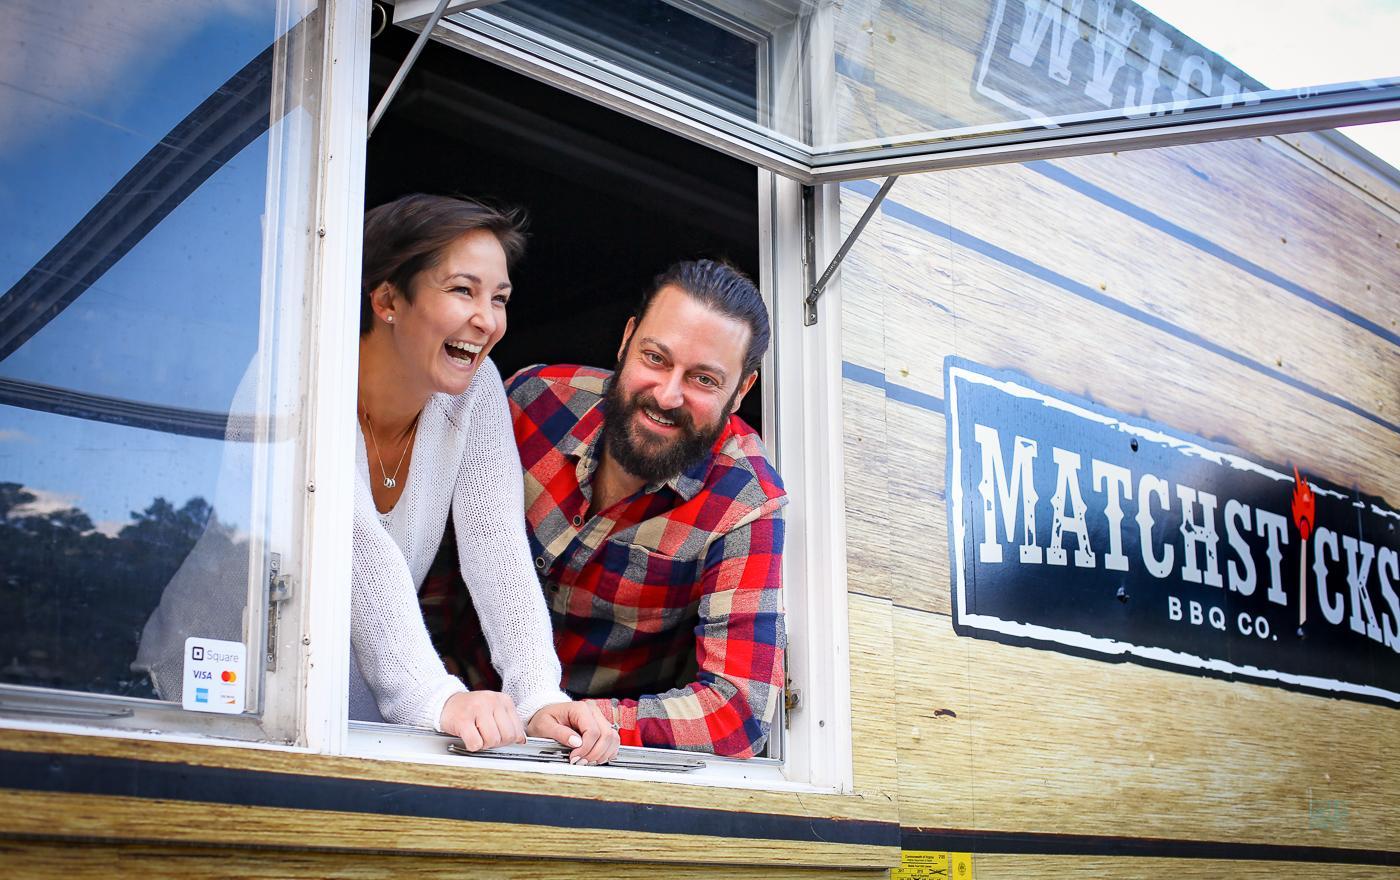 matt and Nicole matchsticks bbs owners